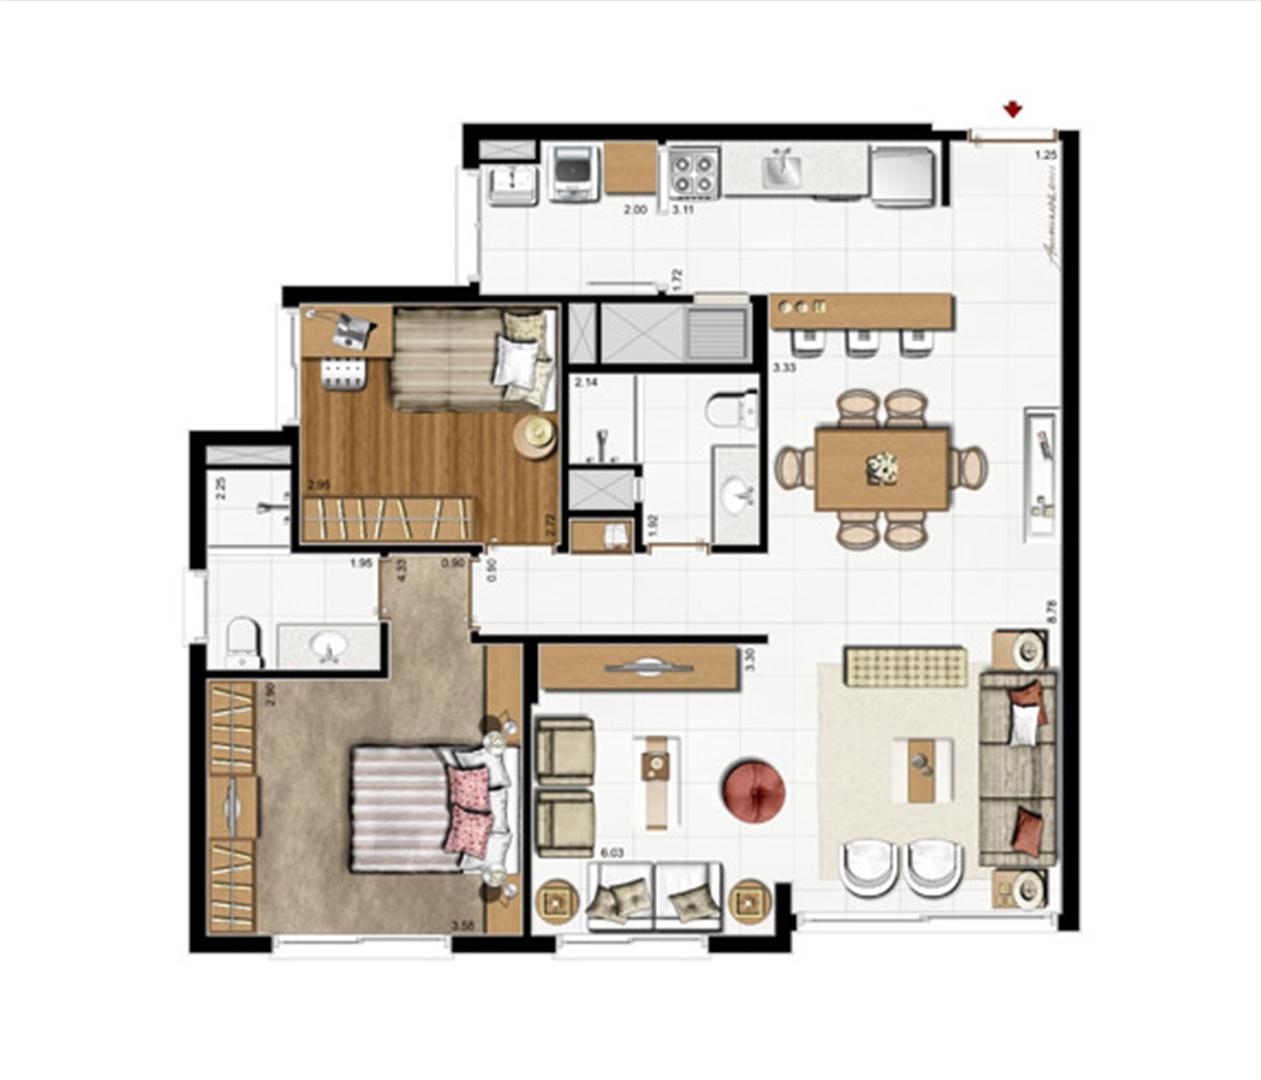 2 dorms. com suíte – Opção living estendido 87 m² privativos - 137 m² de  área total | Riserva Anita – Apartamento na  Boa Vista - Porto Alegre - Rio Grande do Sul